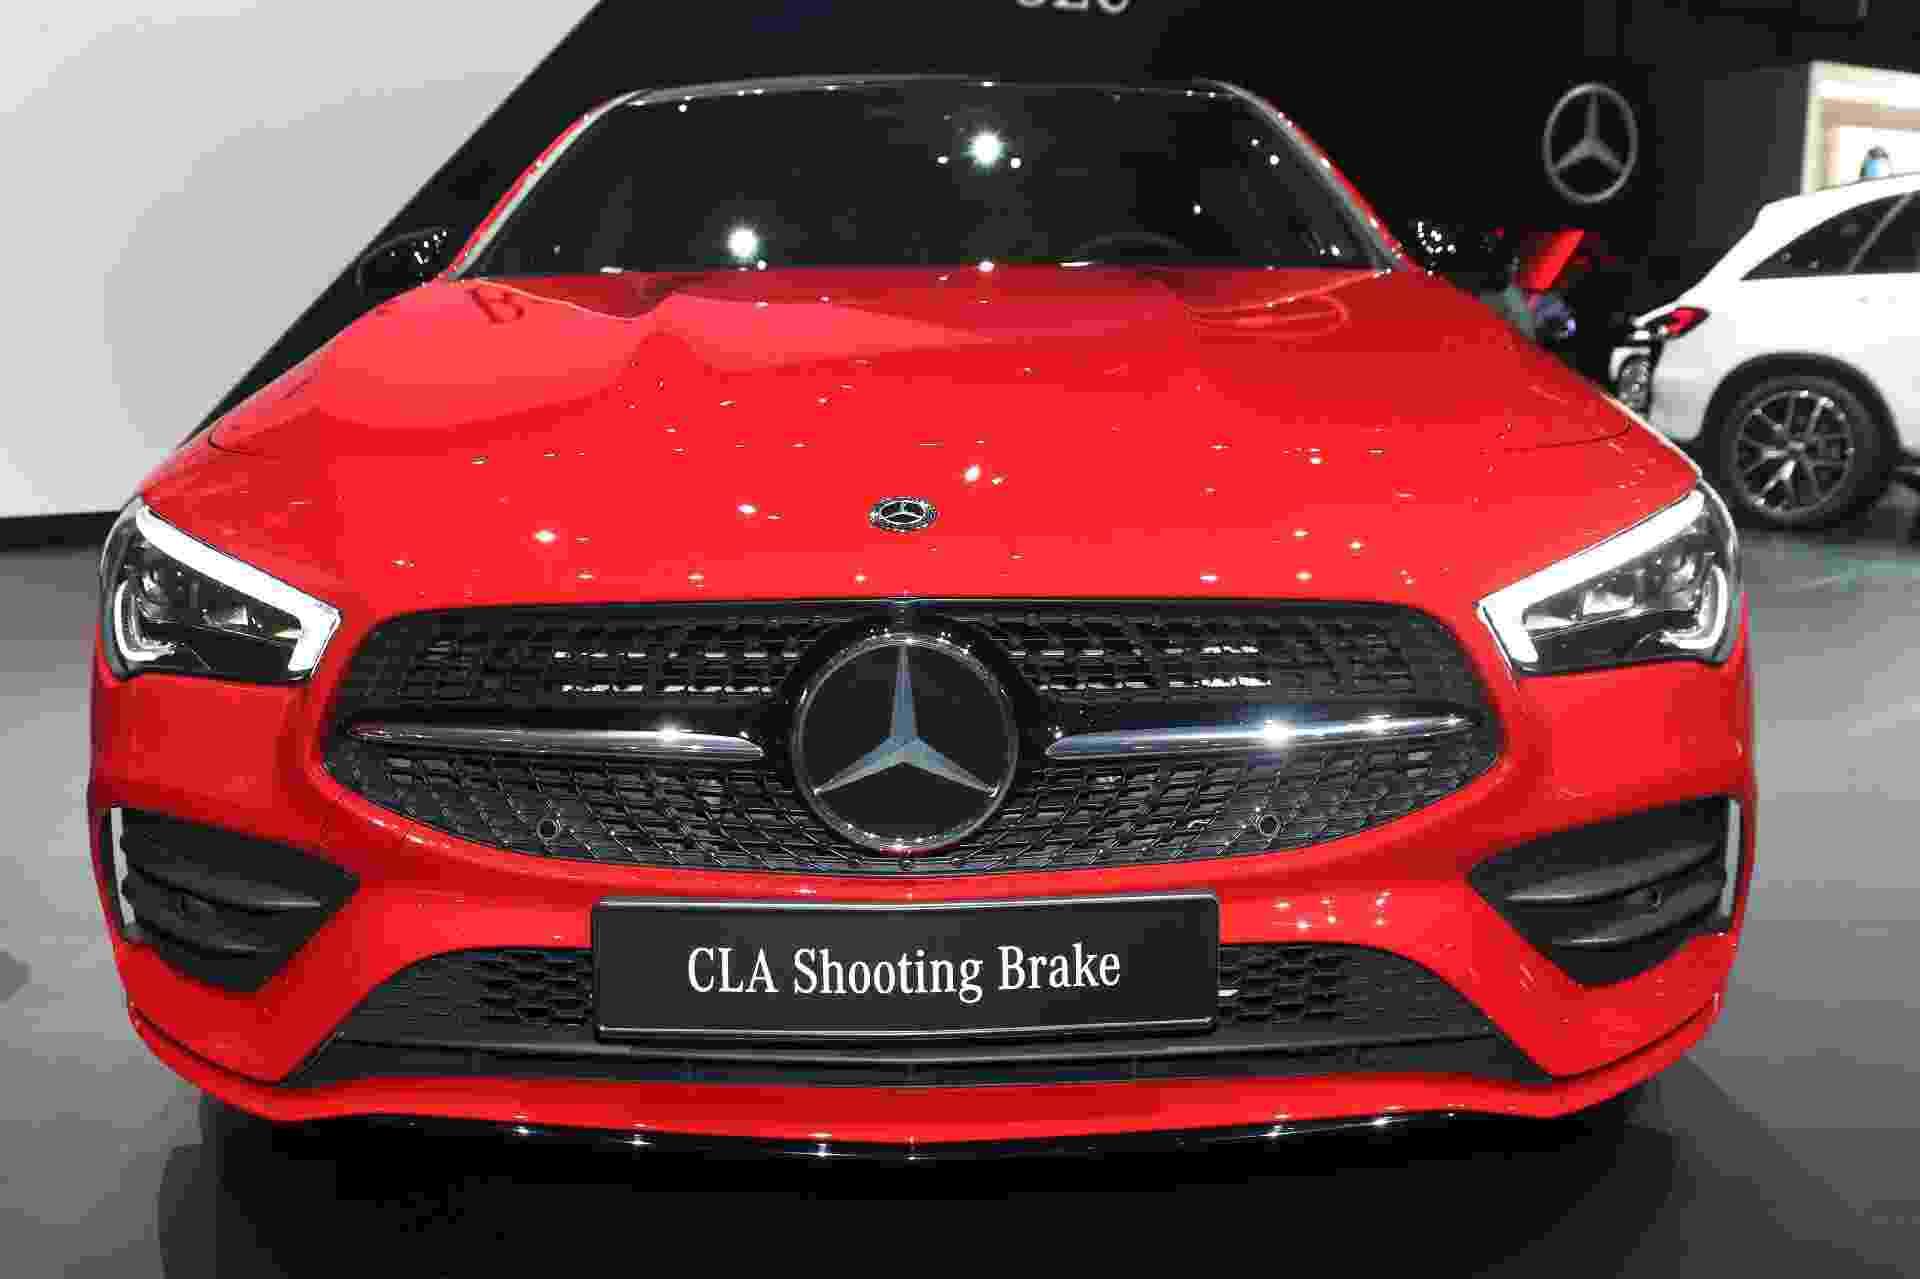 Mercedes-Benz CLA Shooting Brake 2020 - Newspress